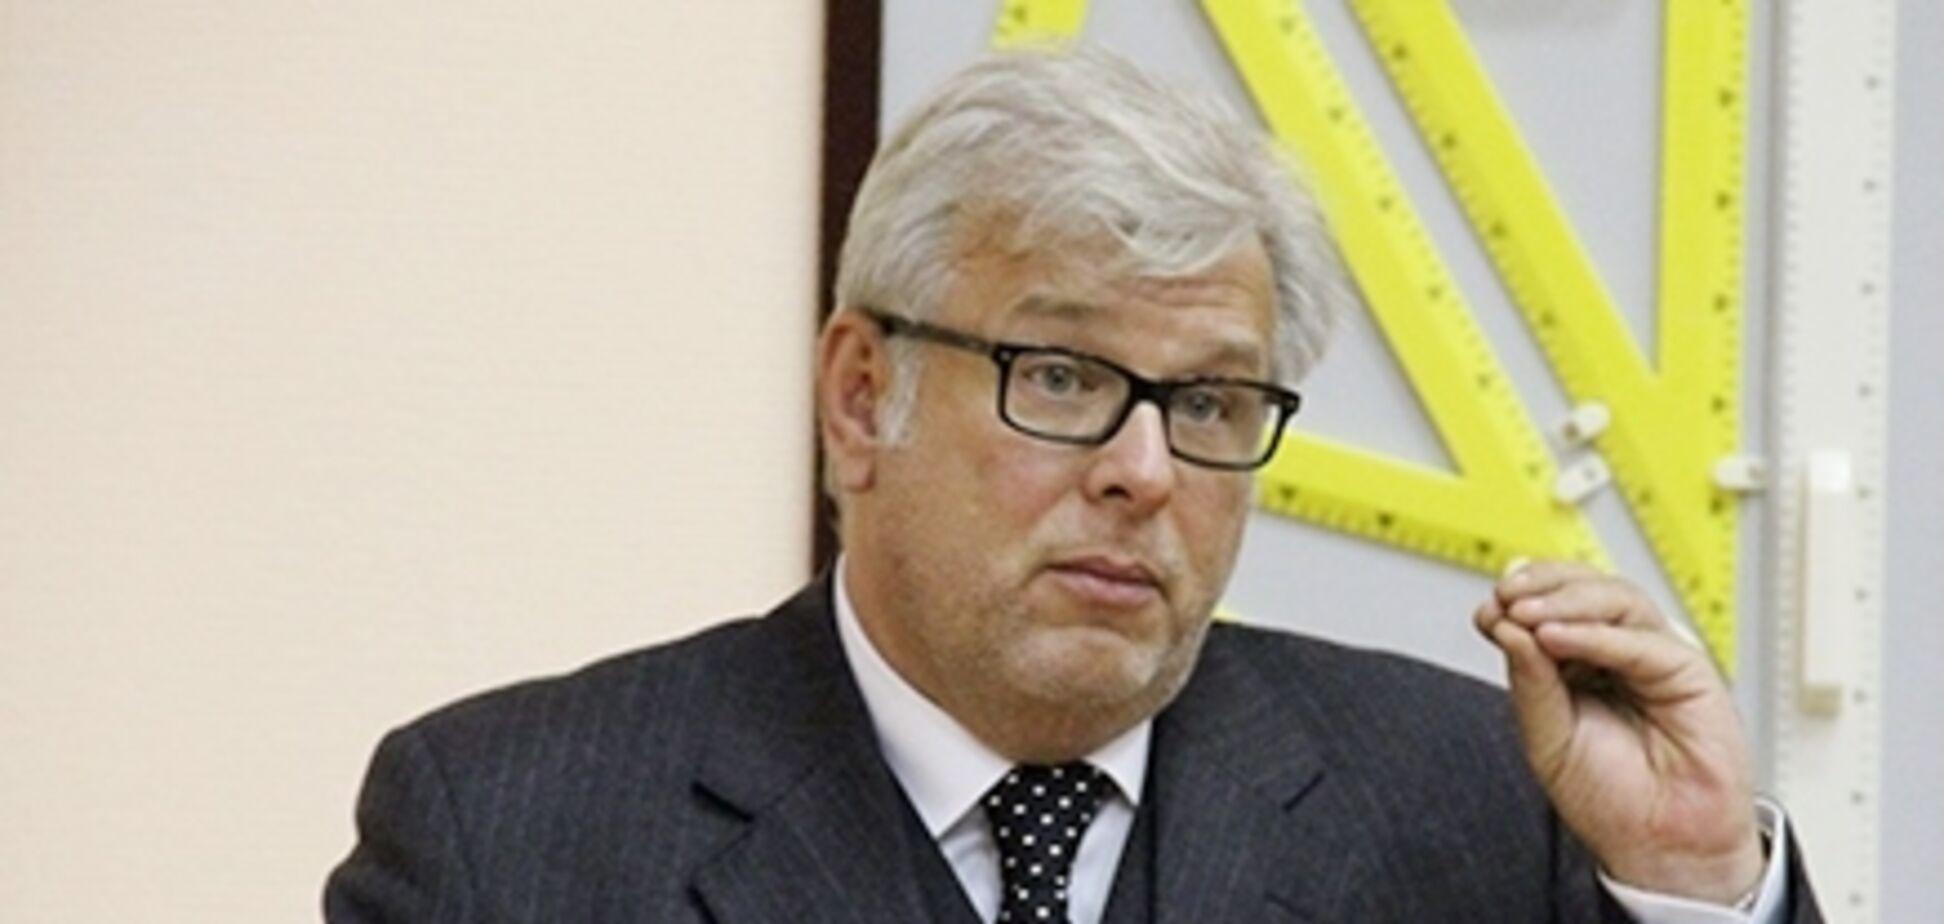 ''Люди третього сорту!'' Пропагандист Путіна повстав проти українців